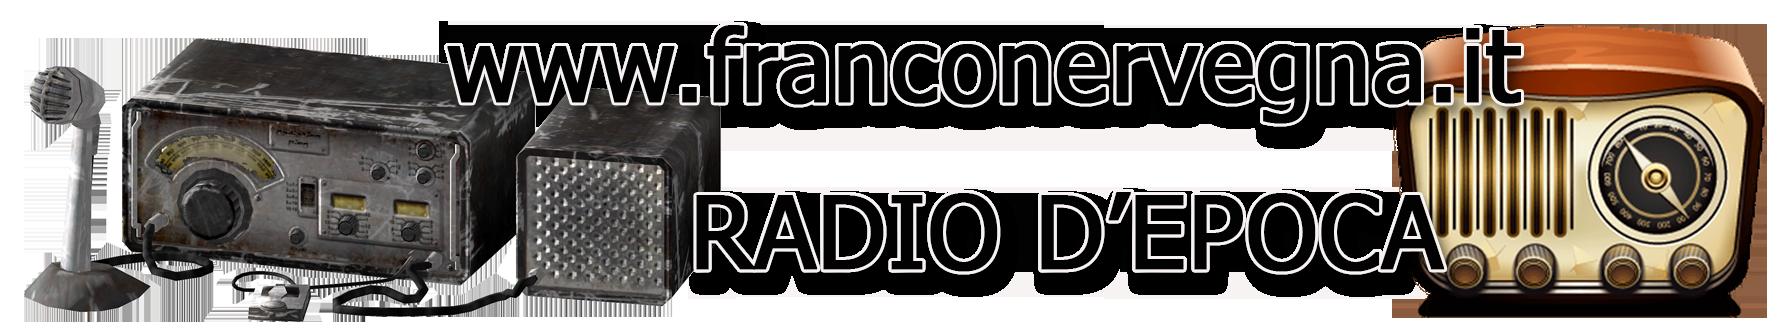 www.franconervegna.it